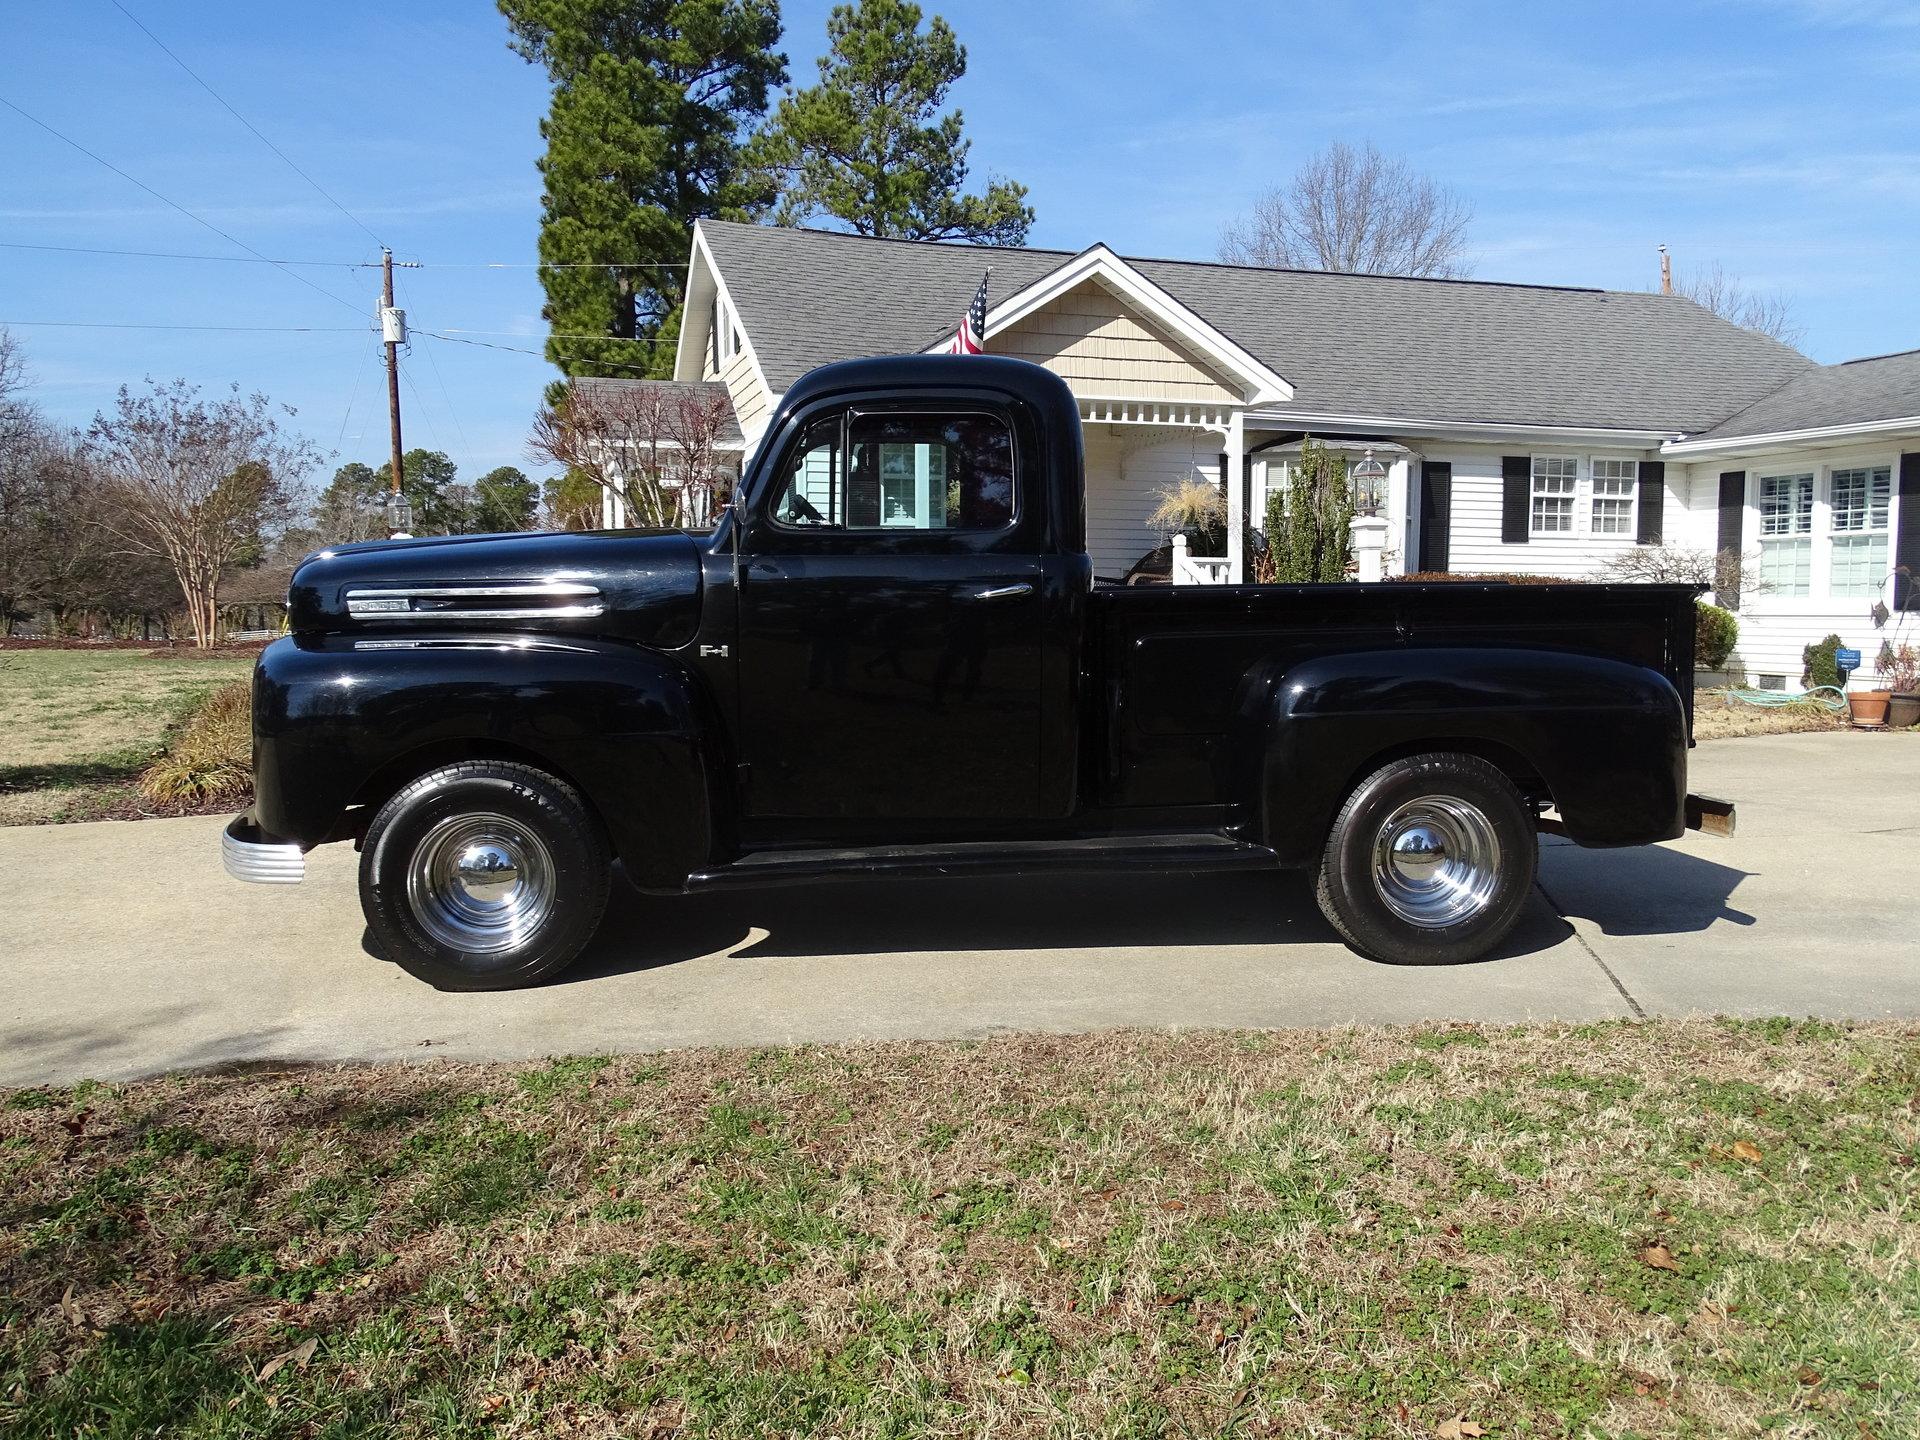 1949 Ford F1 Gaa Classic Cars Pickup Truck 60788a5b51b76 Hd